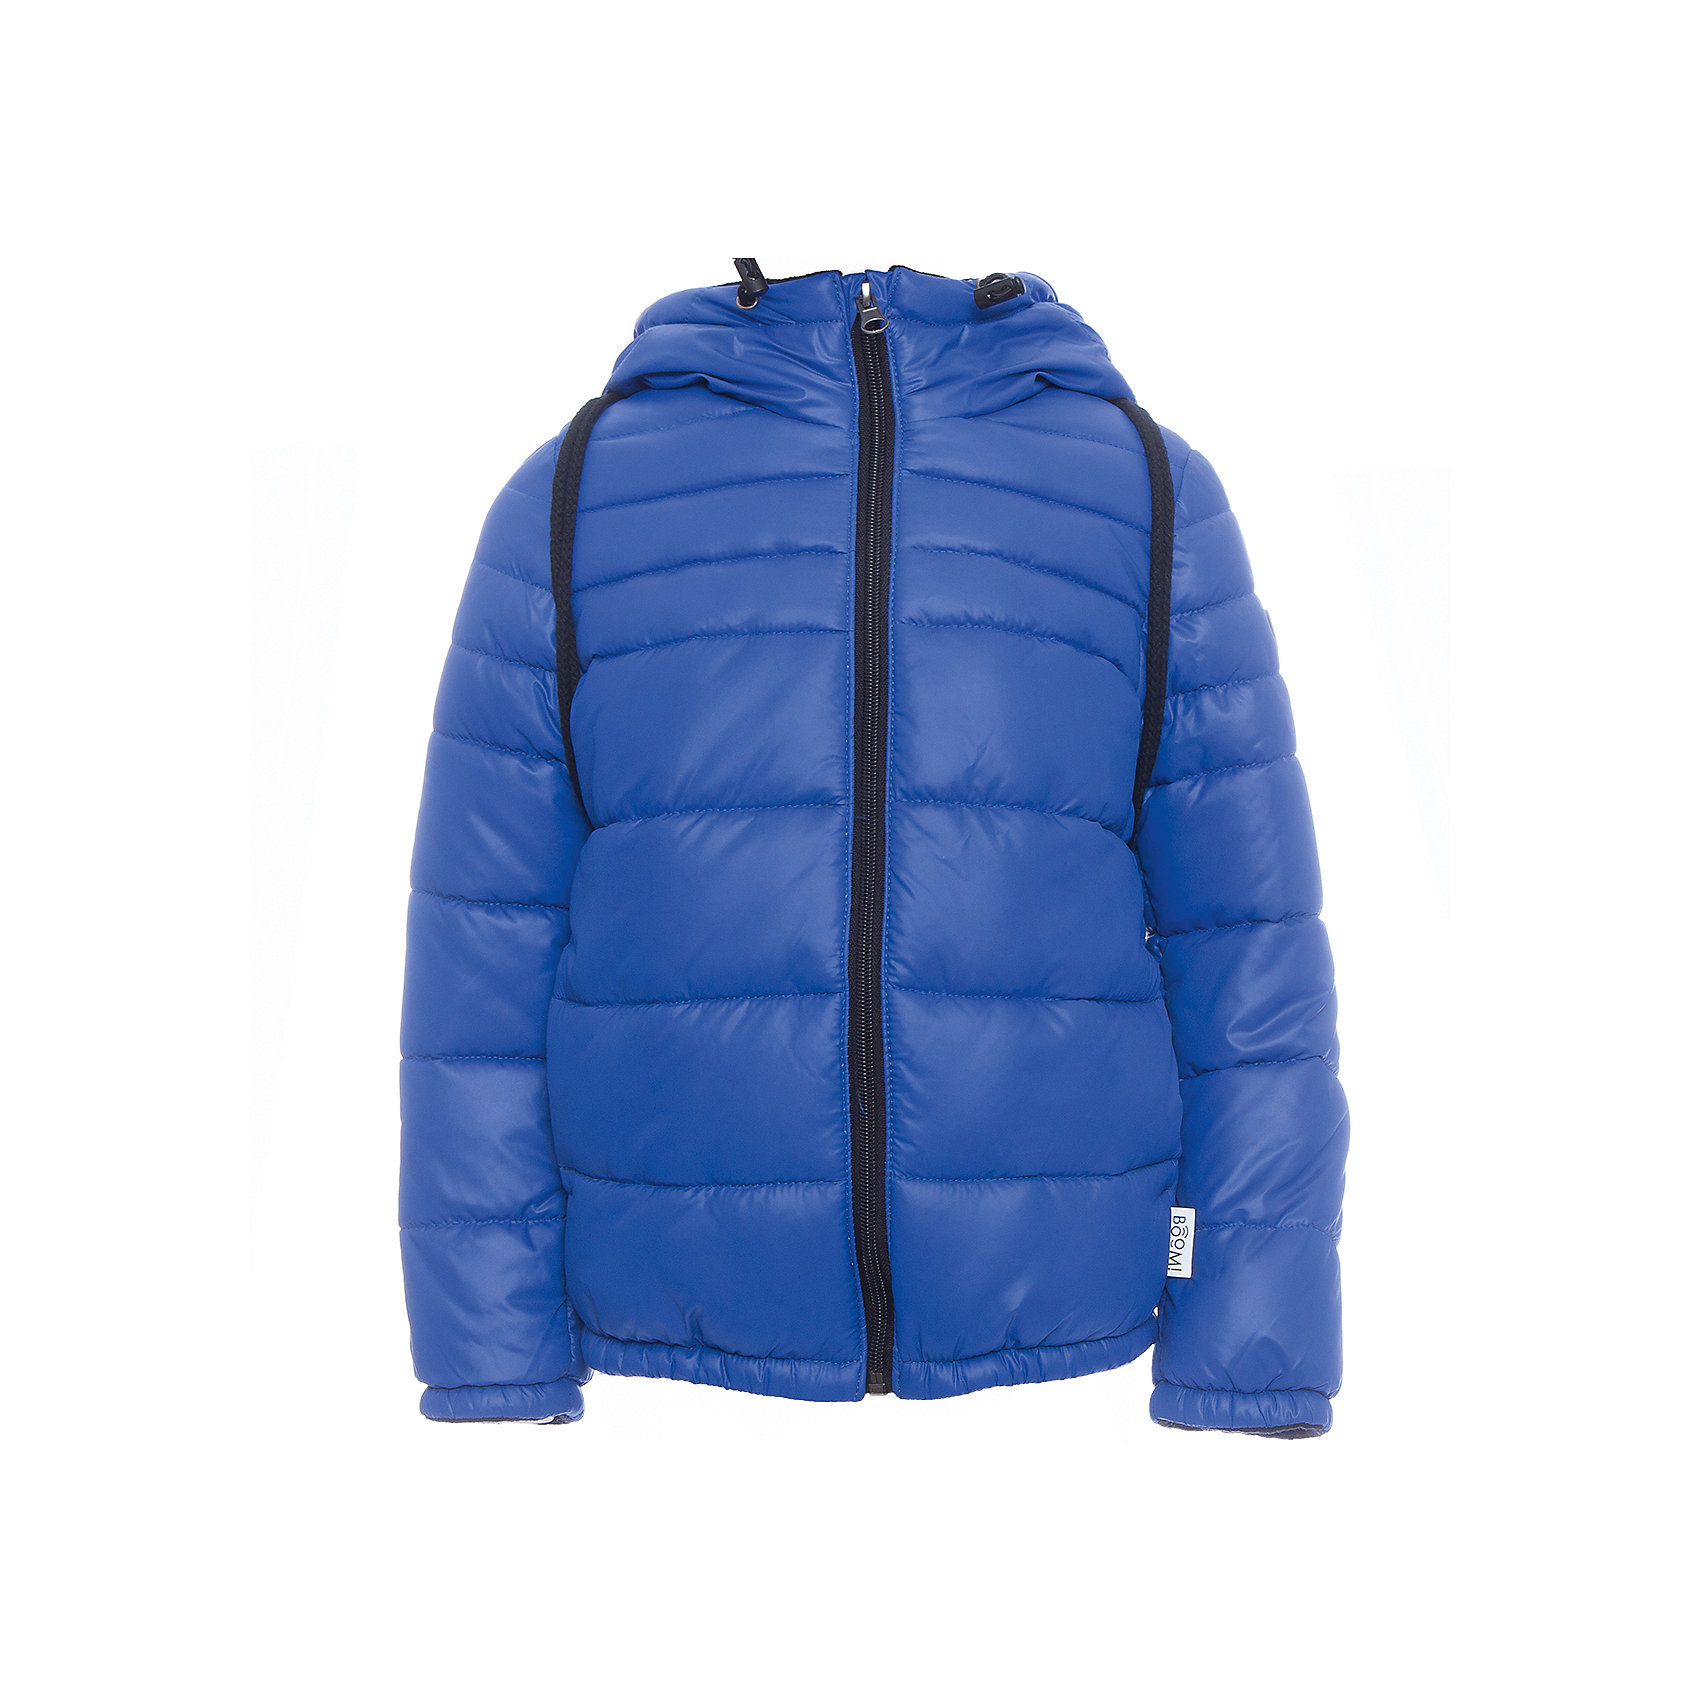 Куртка BOOM by OrbyВерхняя одежда<br>Характеристики товара:<br><br>• цвет: синий<br>• ткань верха: Болонь pu milky<br>• подкладка: Флис, ПЭ пуходержащий<br>• утеплитель: Flexy Fiber 200 г/м2<br>• сезон: демисезон<br>• температурный режим: от -10° до +10°С<br>• особенности: на молнии, со съемным рюкзаком<br>• тип куртки: стеганая<br>• капюшон: без меха, несъемный<br>• страна бренда: Россия<br>• страна изготовитель: Россия<br><br>Яркая куртка создана с учетом особенностей строения детского тела. Эта демисезонная куртка учитывает особенности российской погоды в демисезон, поэтому рассчитана как на дождливые дни, так и заморозки. Дополнена удобным рюкзаком.<br><br>Куртку BOOM by Orby можно купить в нашем интернет-магазине.<br><br>Ширина мм: 356<br>Глубина мм: 10<br>Высота мм: 245<br>Вес г: 519<br>Цвет: синий<br>Возраст от месяцев: 18<br>Возраст до месяцев: 24<br>Пол: Унисекс<br>Возраст: Детский<br>Размер: 92,98,74,80,86,104,110,116<br>SKU: 7007664